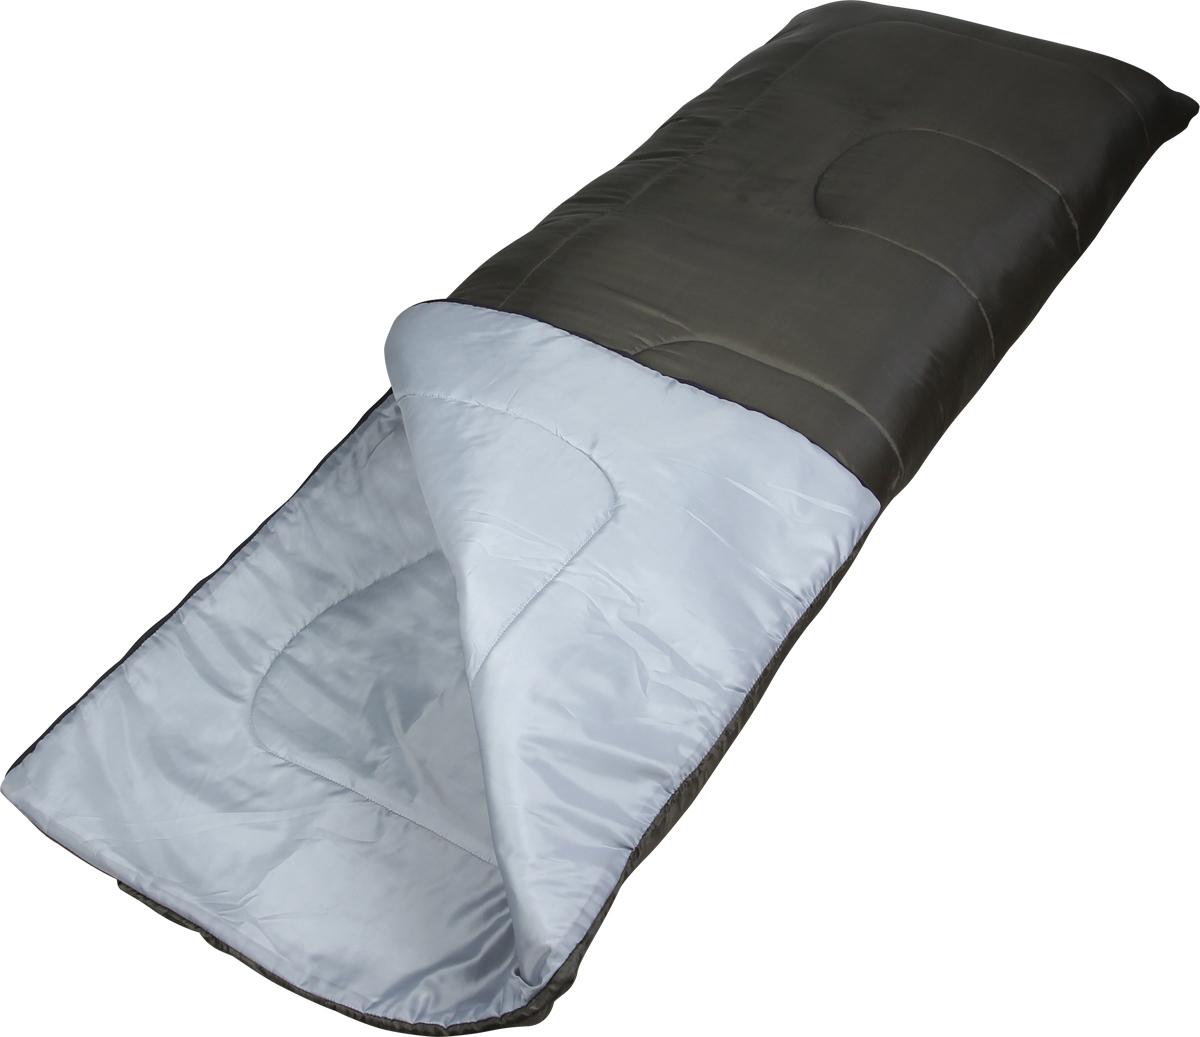 Мешок спальный Сплав СО2, правосторонняя молния, цвет: зеленый, 200 x 75 см